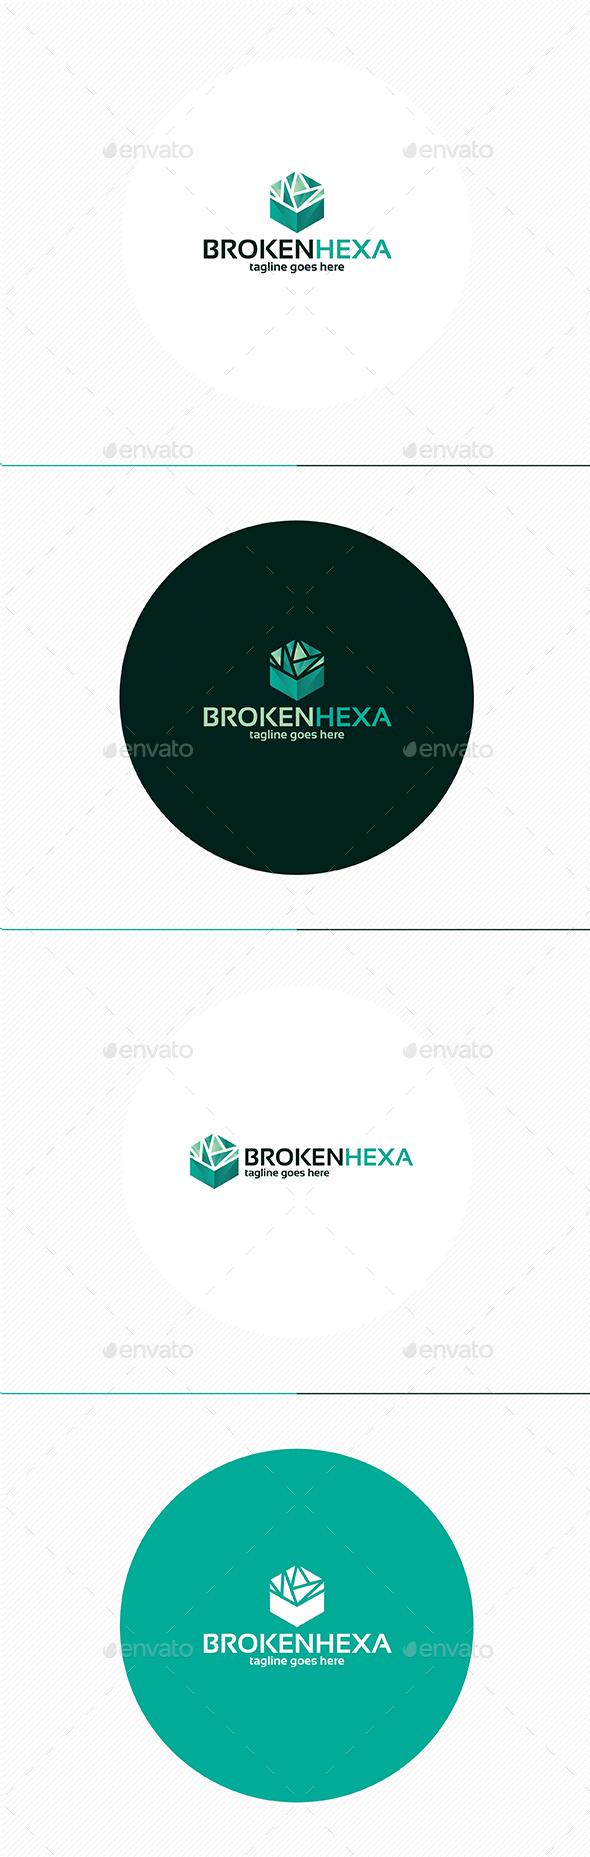 Broken Hexa Logo - Vector Abstract